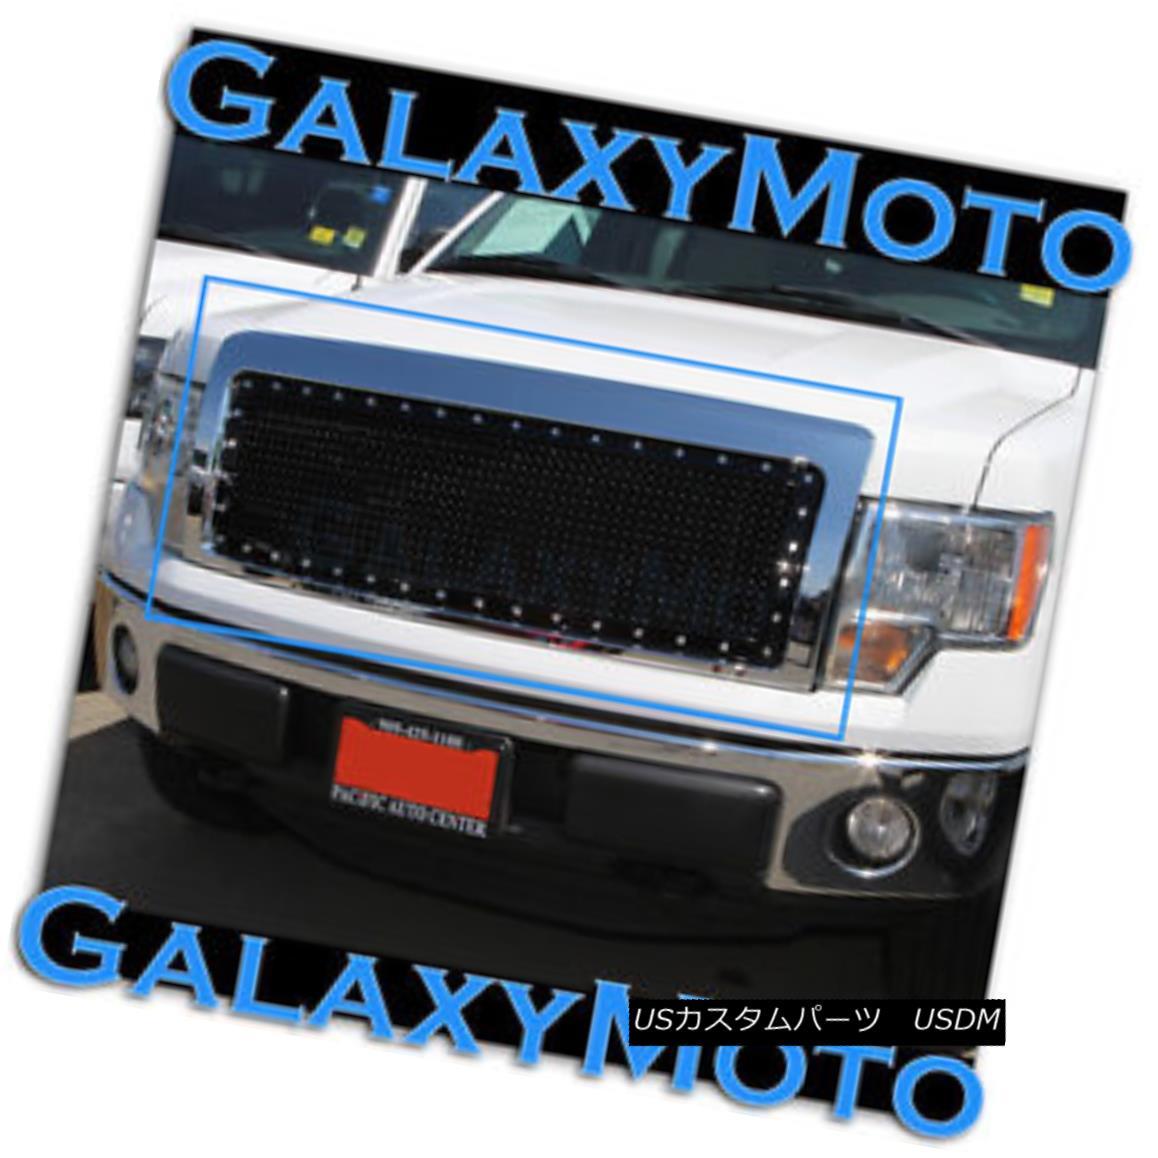 グリル 09-14 Ford F150 Chrome Front Hood Rivet Studded+Black Mesh Grille+Complete Shell 09-14フォードF150クロームフロントフードリベットスタッド+ブラックメッシュグリル+完成 eシェル